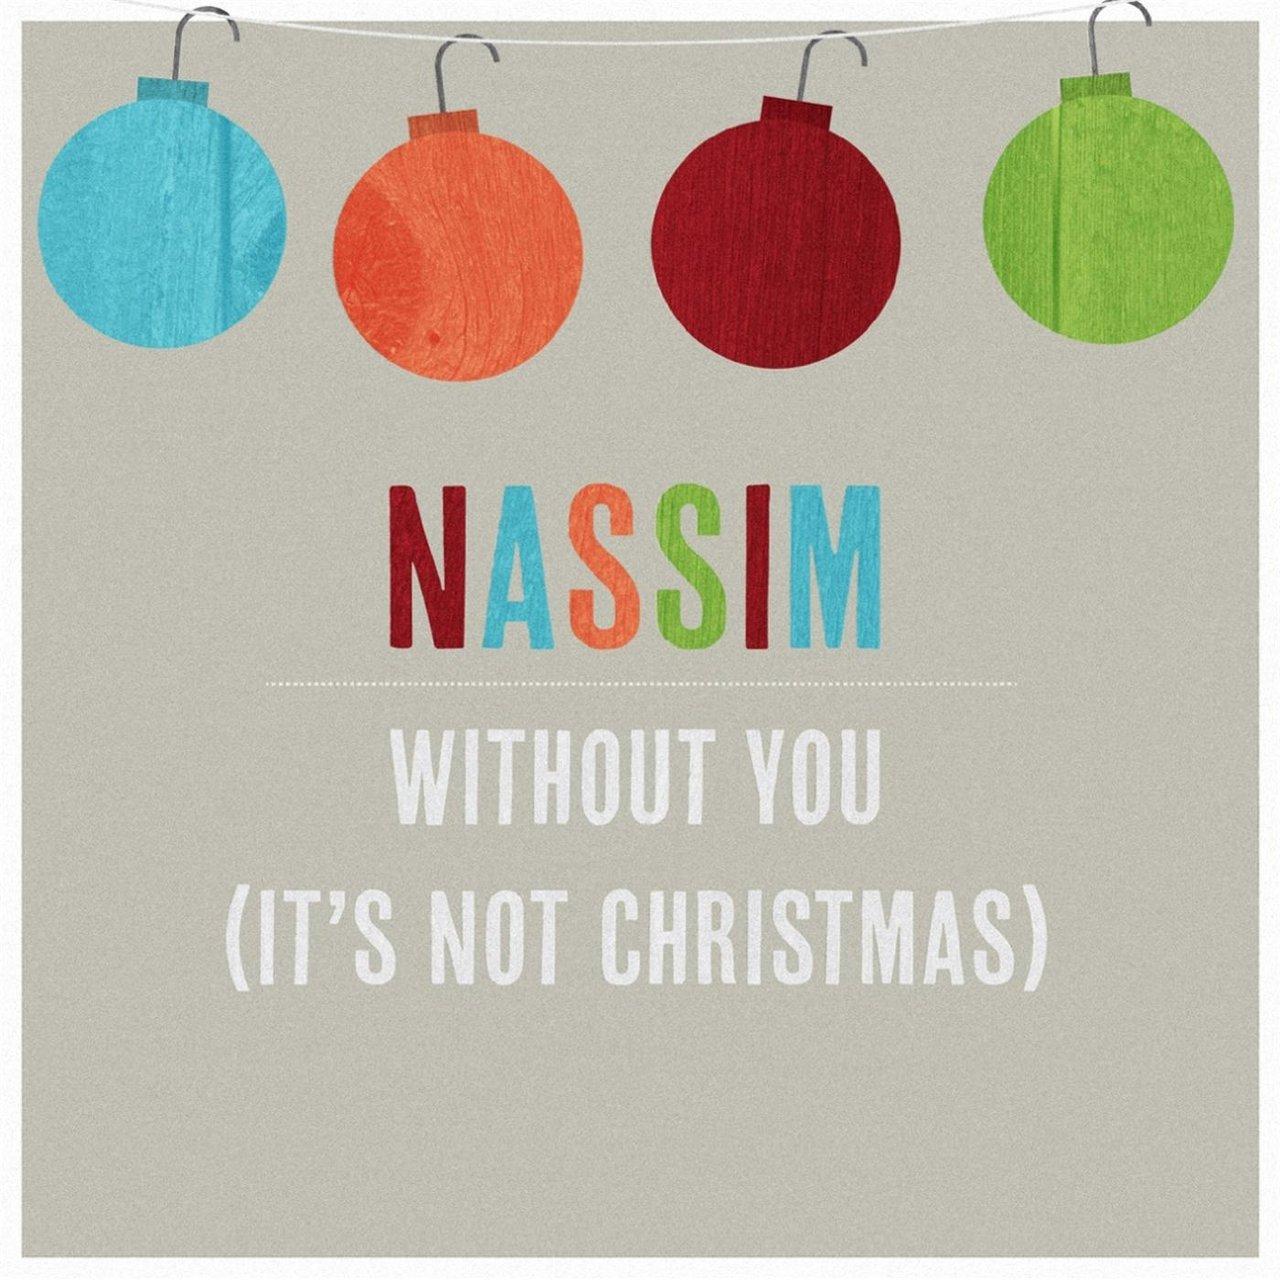 TIDAL: Listen to Nassim on TIDAL